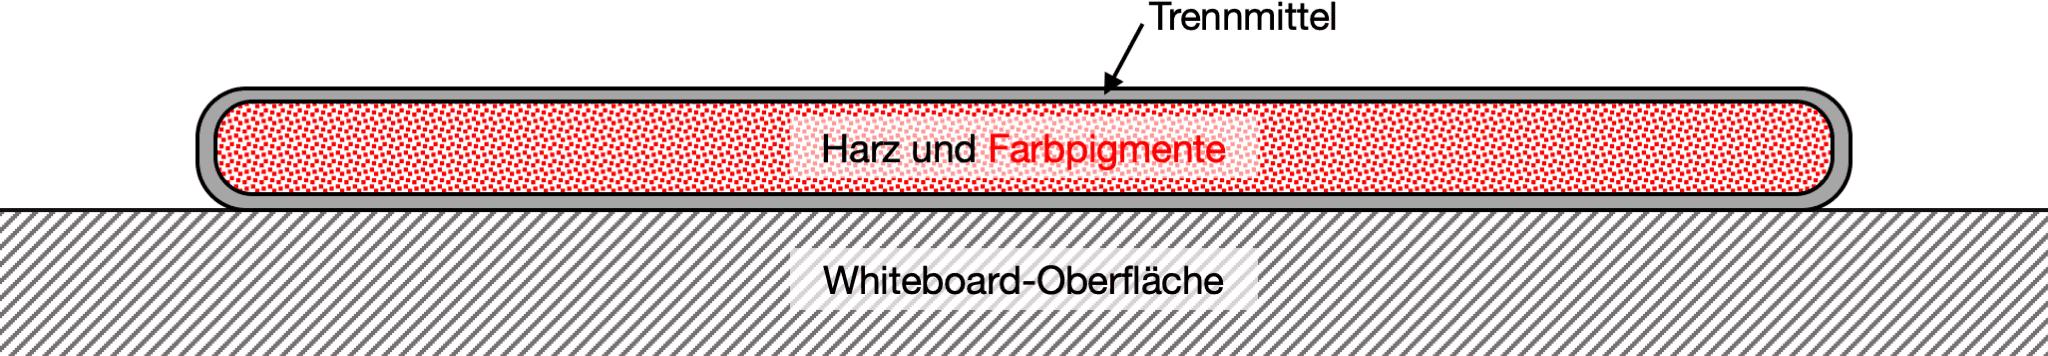 Whiteboard-Marker-Farbe: Harz, Pigmente und Trennmittel